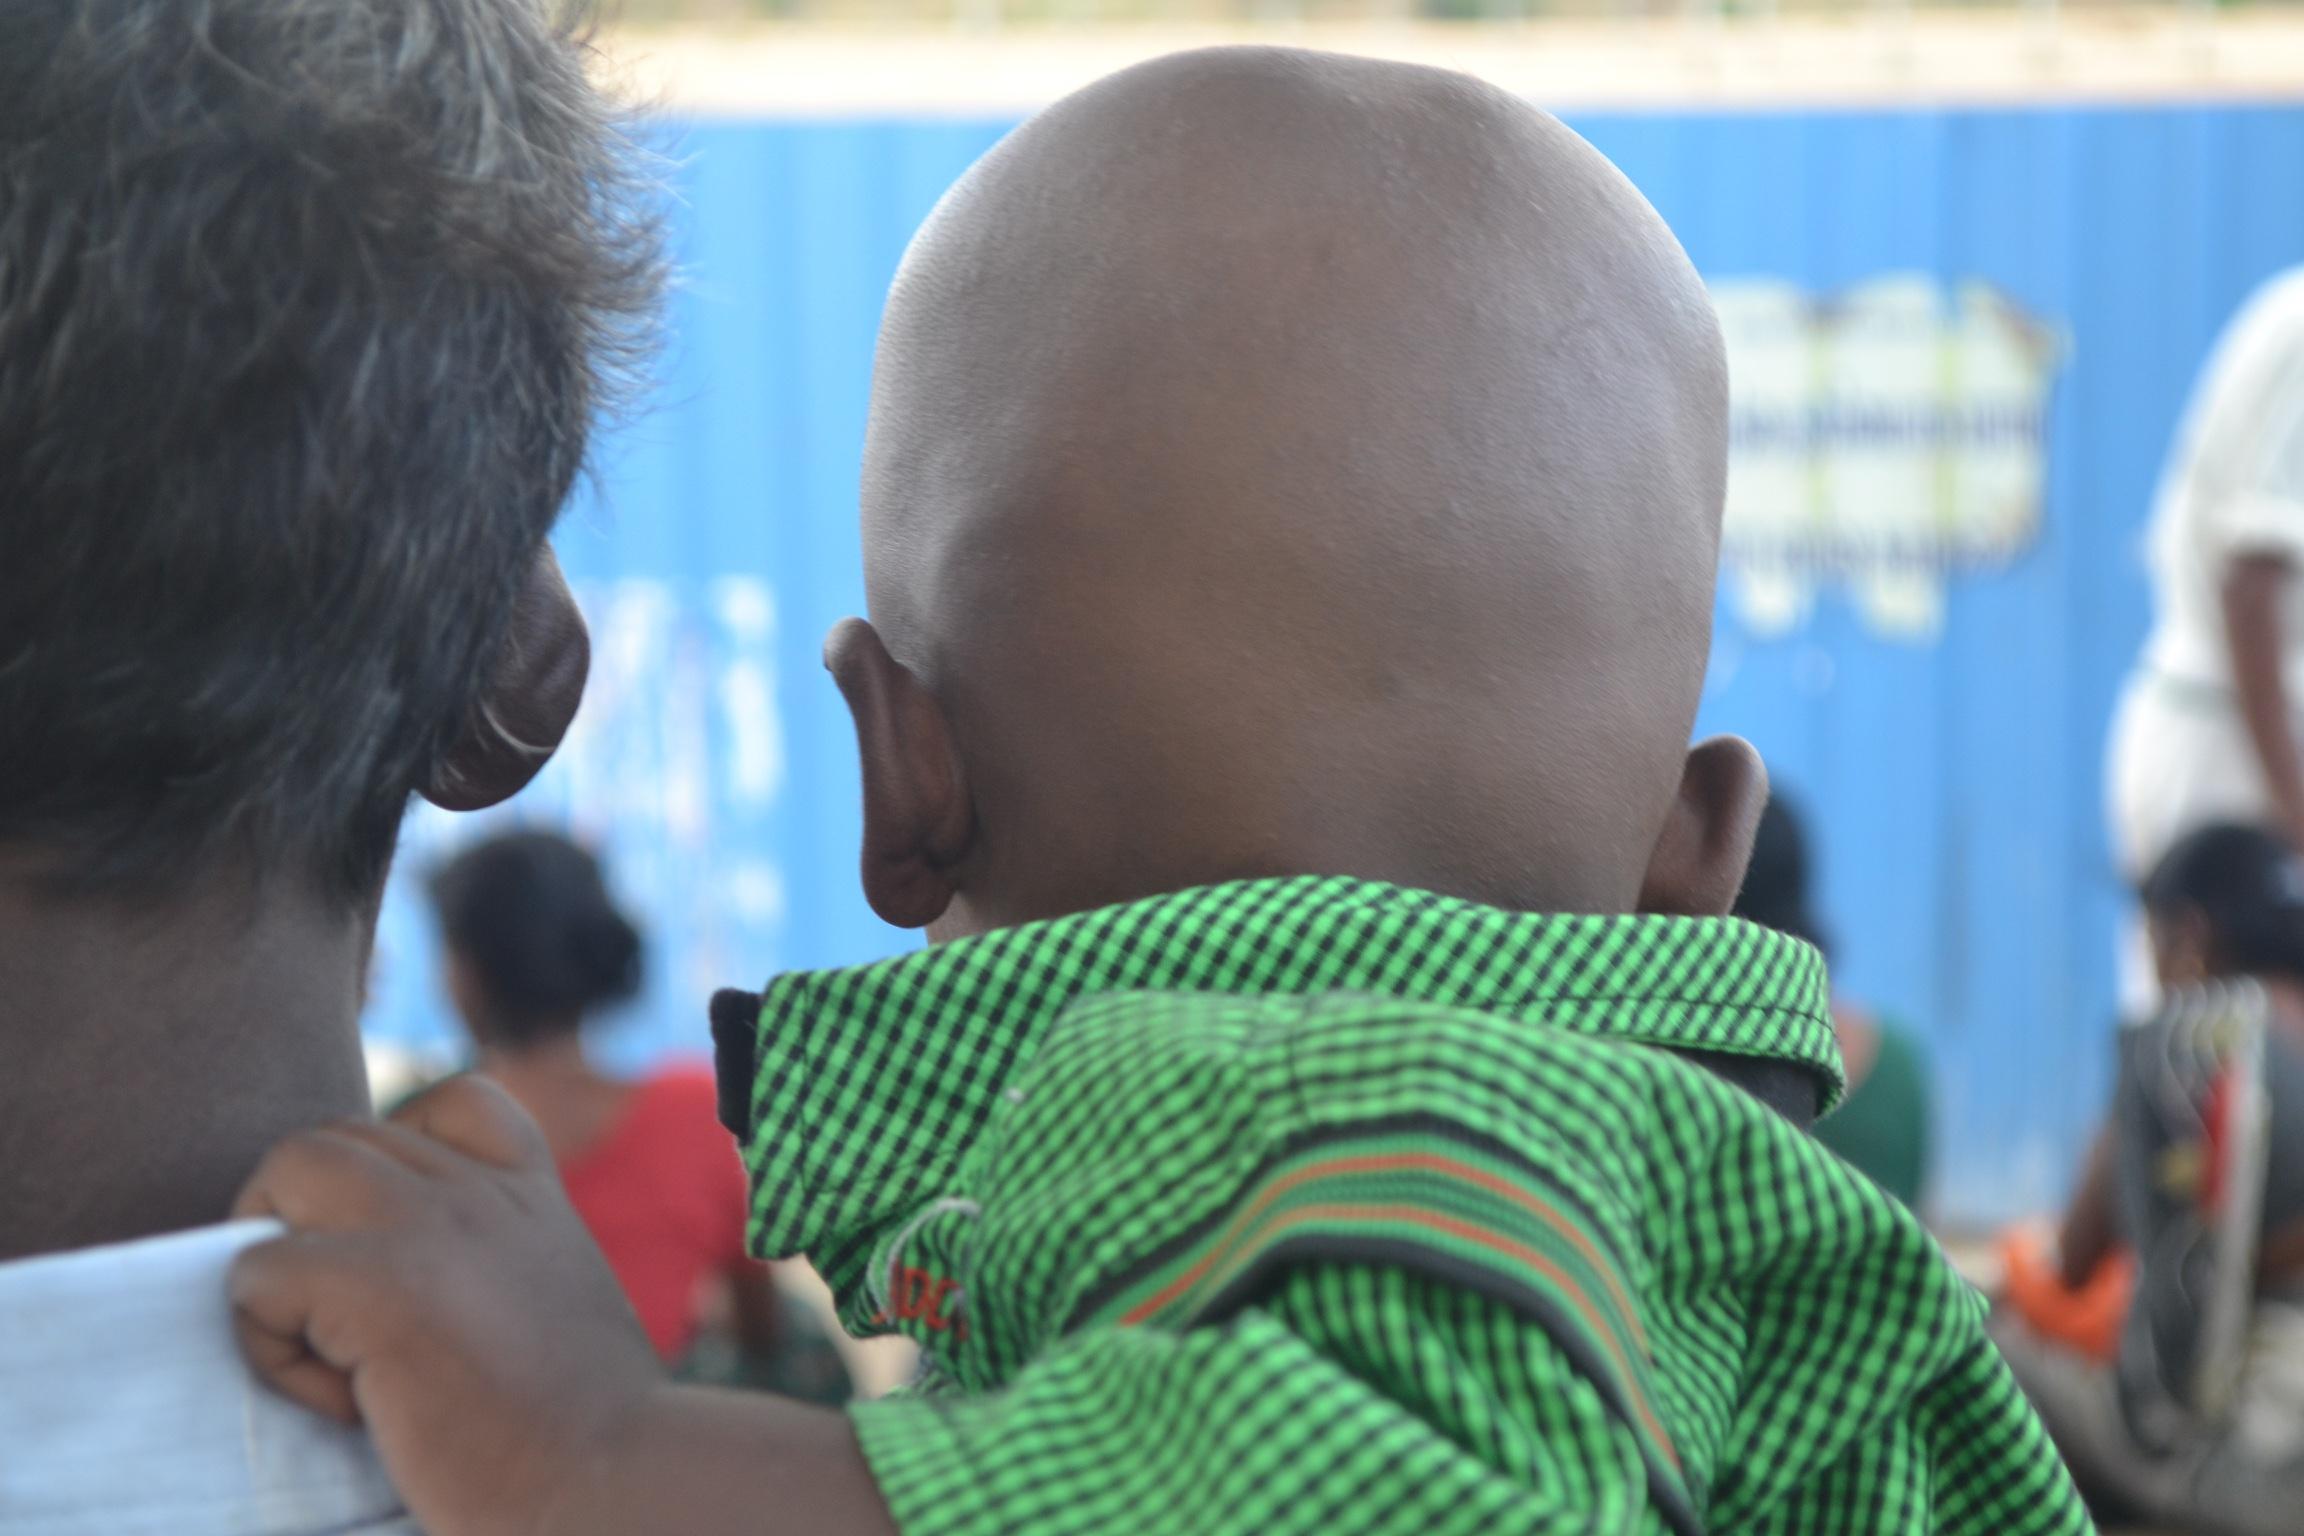 un homme et un enfant en Inde seuls,au milieu de la foule